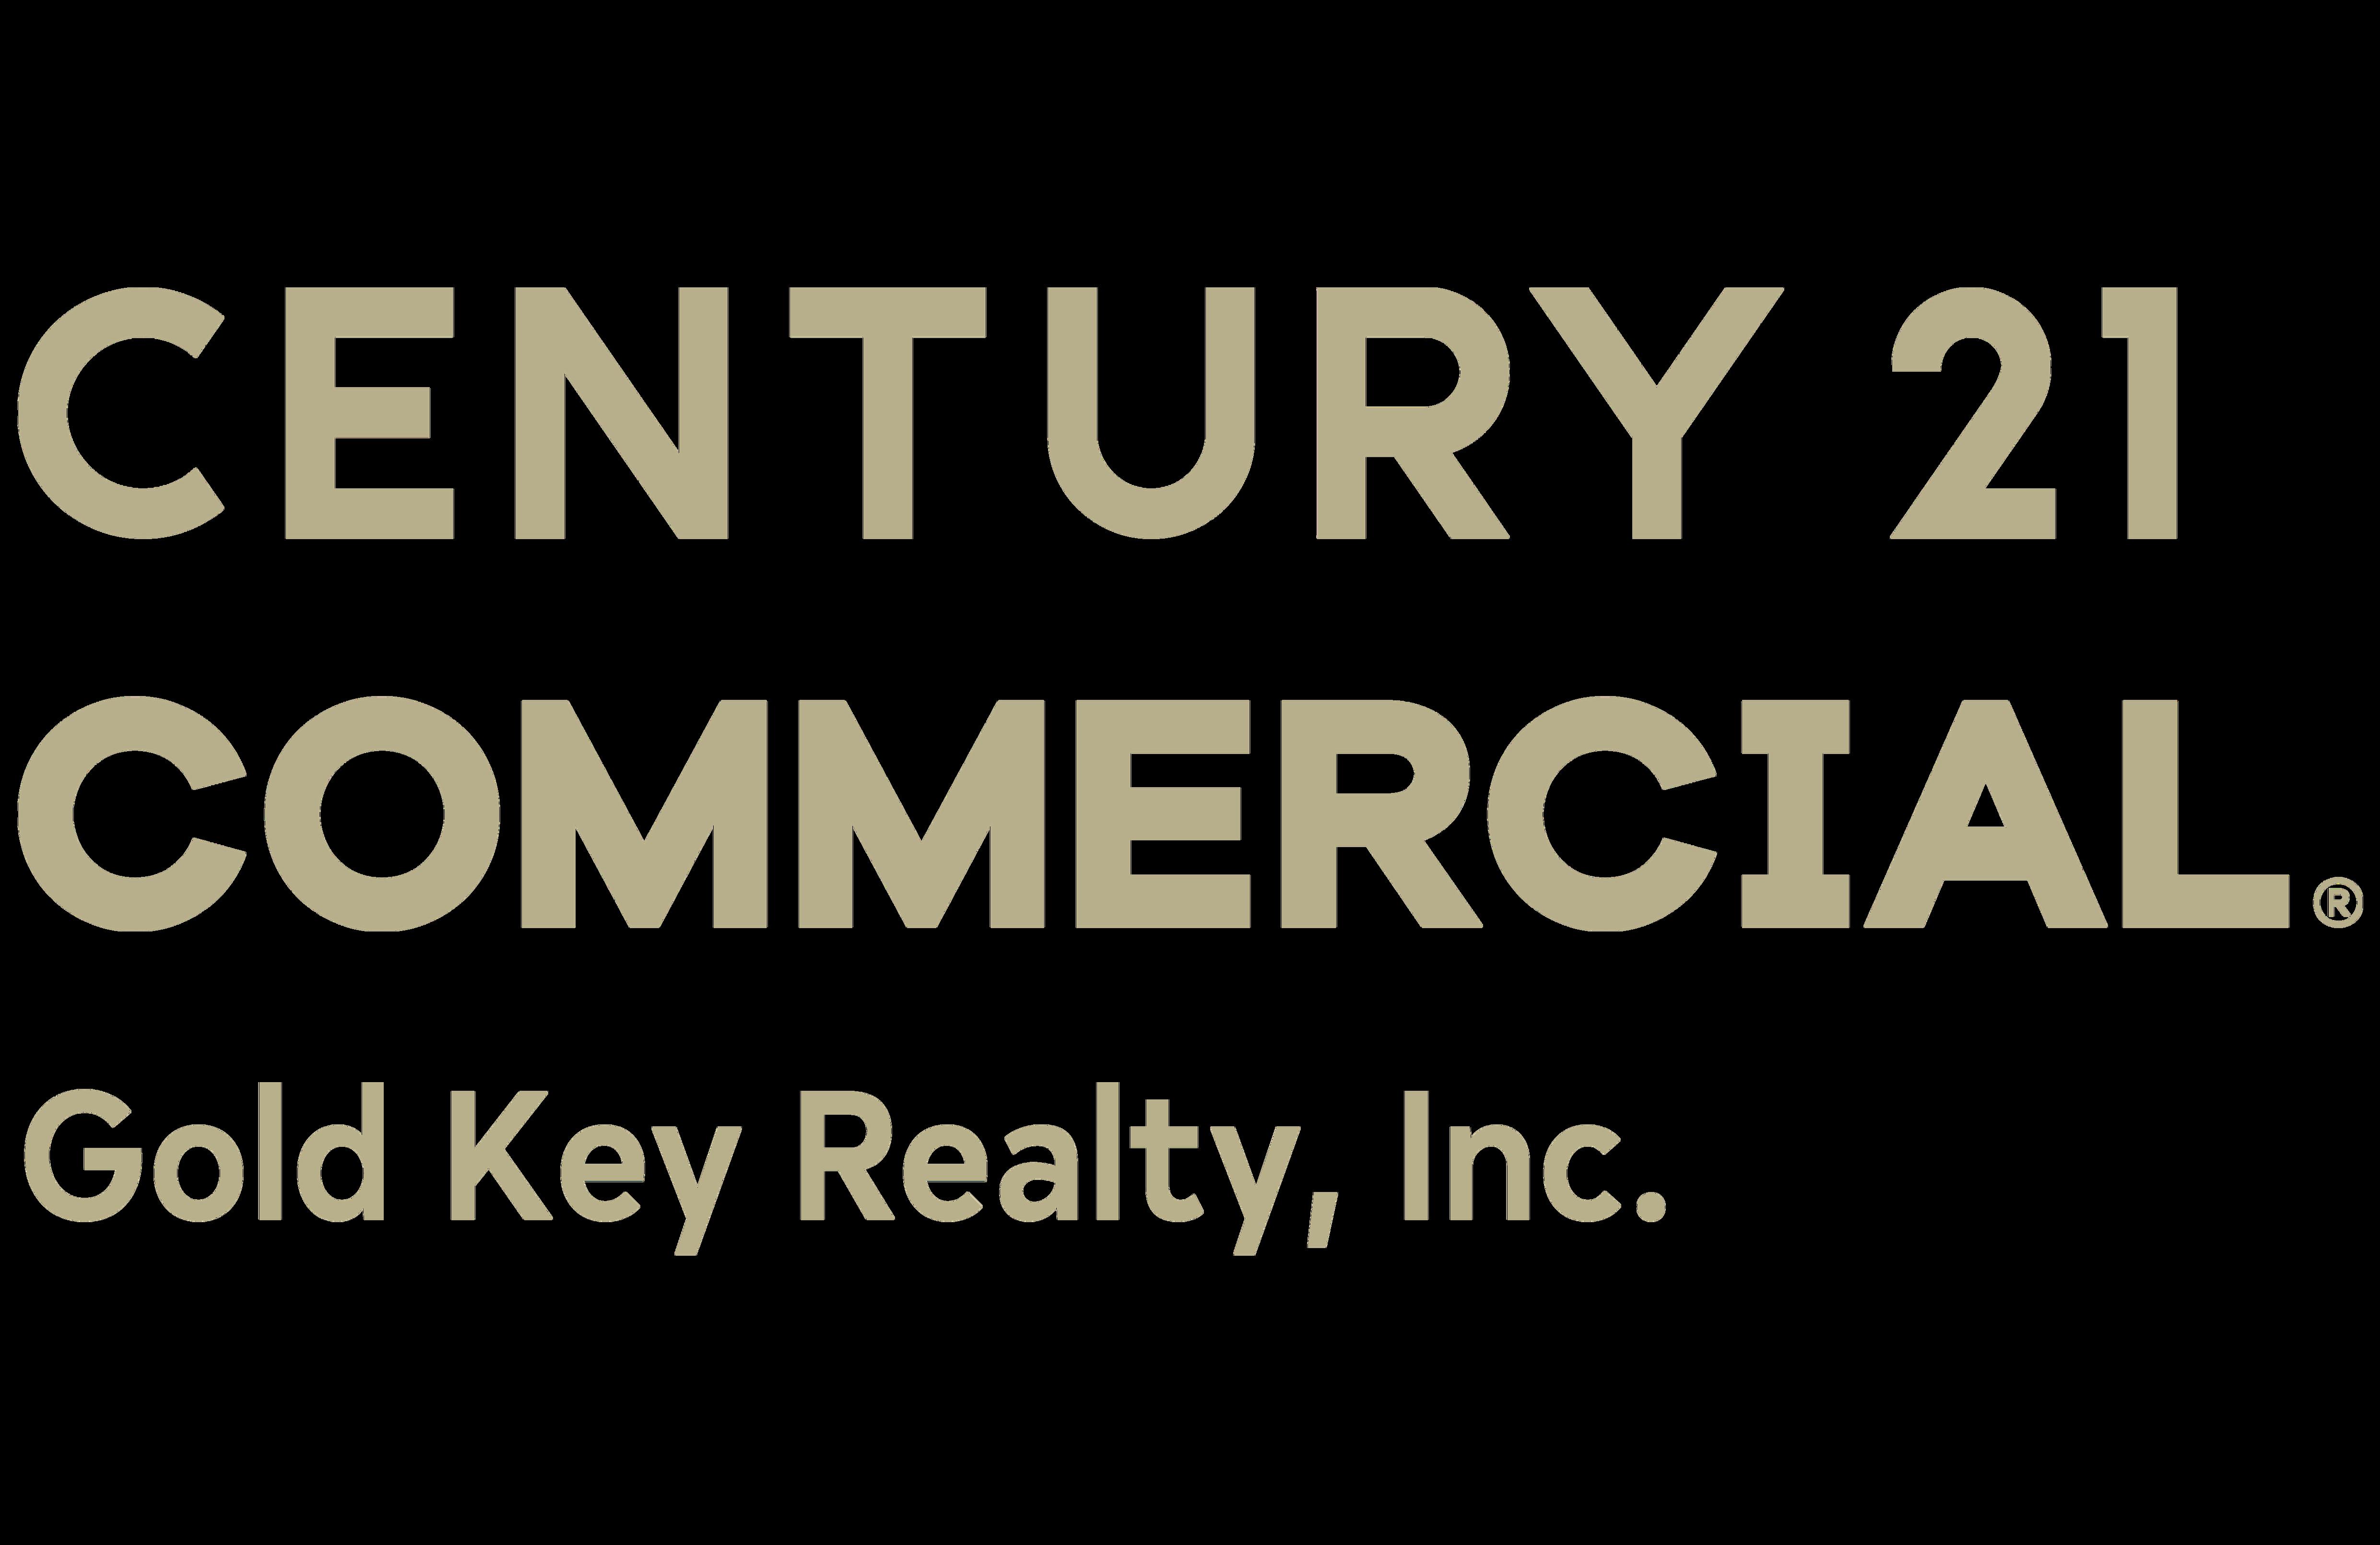 Rita Blenker of CENTURY 21 Gold Key Realty, Inc. logo